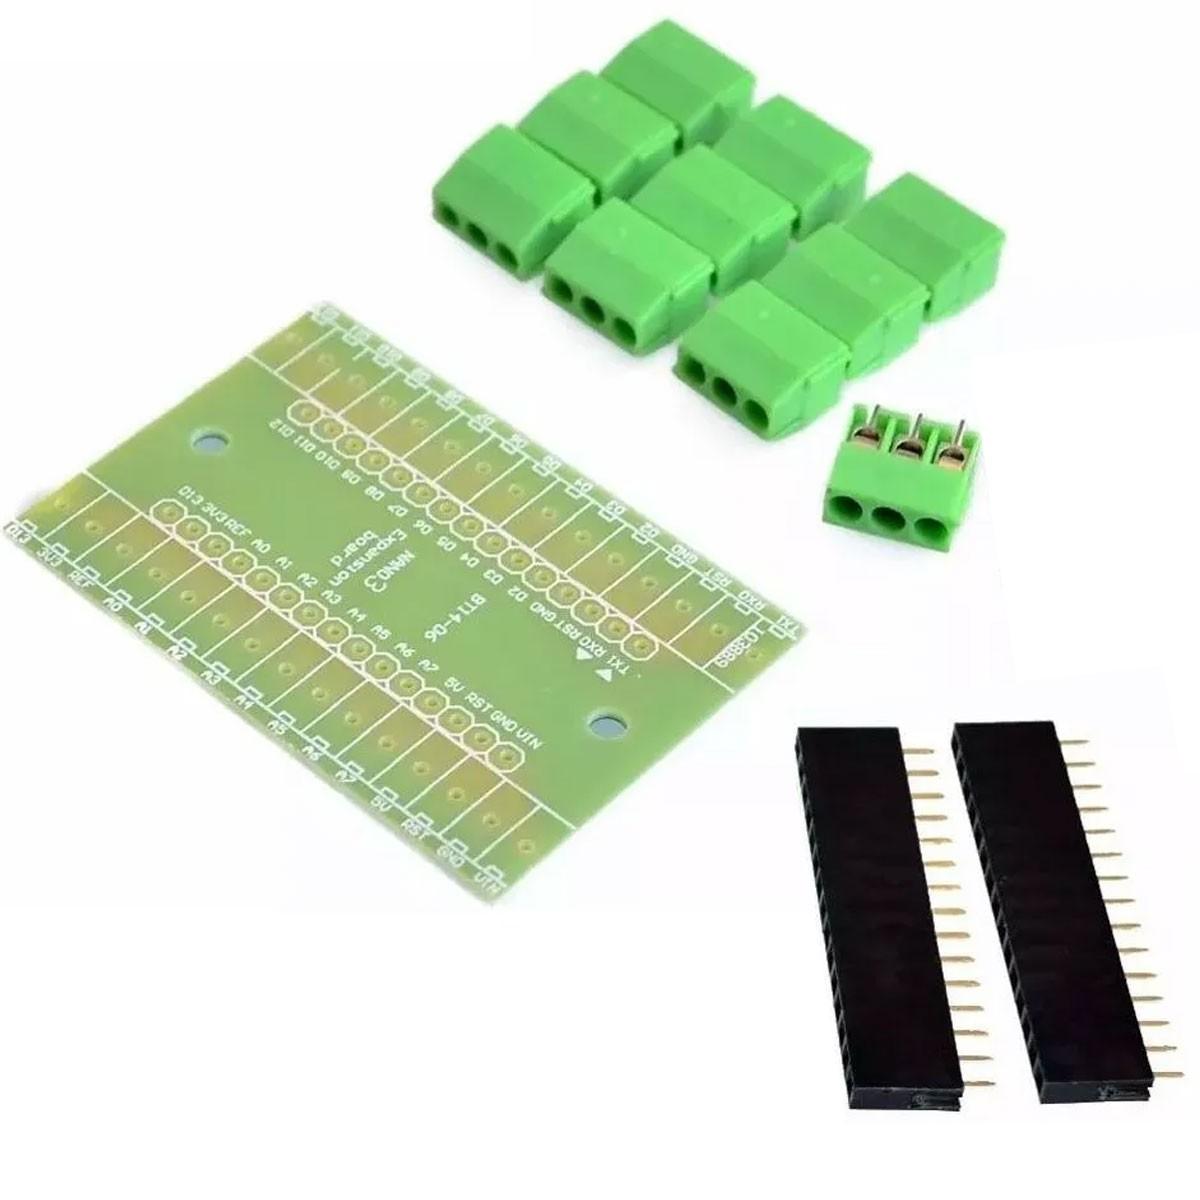 Kit com 10x Placa Borne Nano Terminal Adaptador - Compatíveis com Arduino Nano